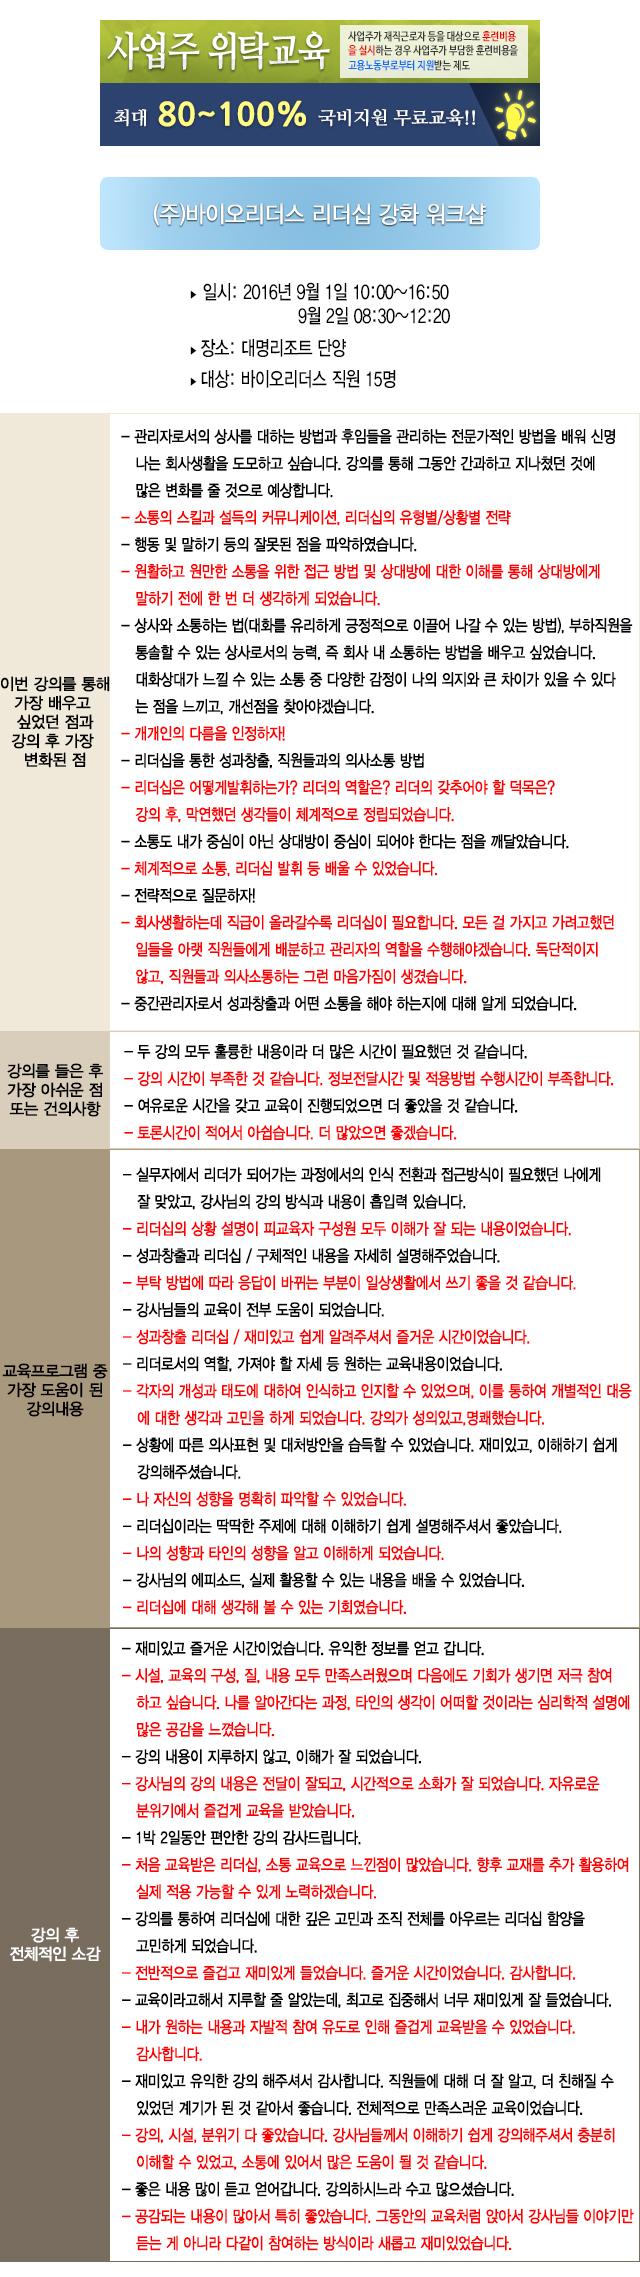 한국중앙인재개발원 후기 바이오리더스.jpg